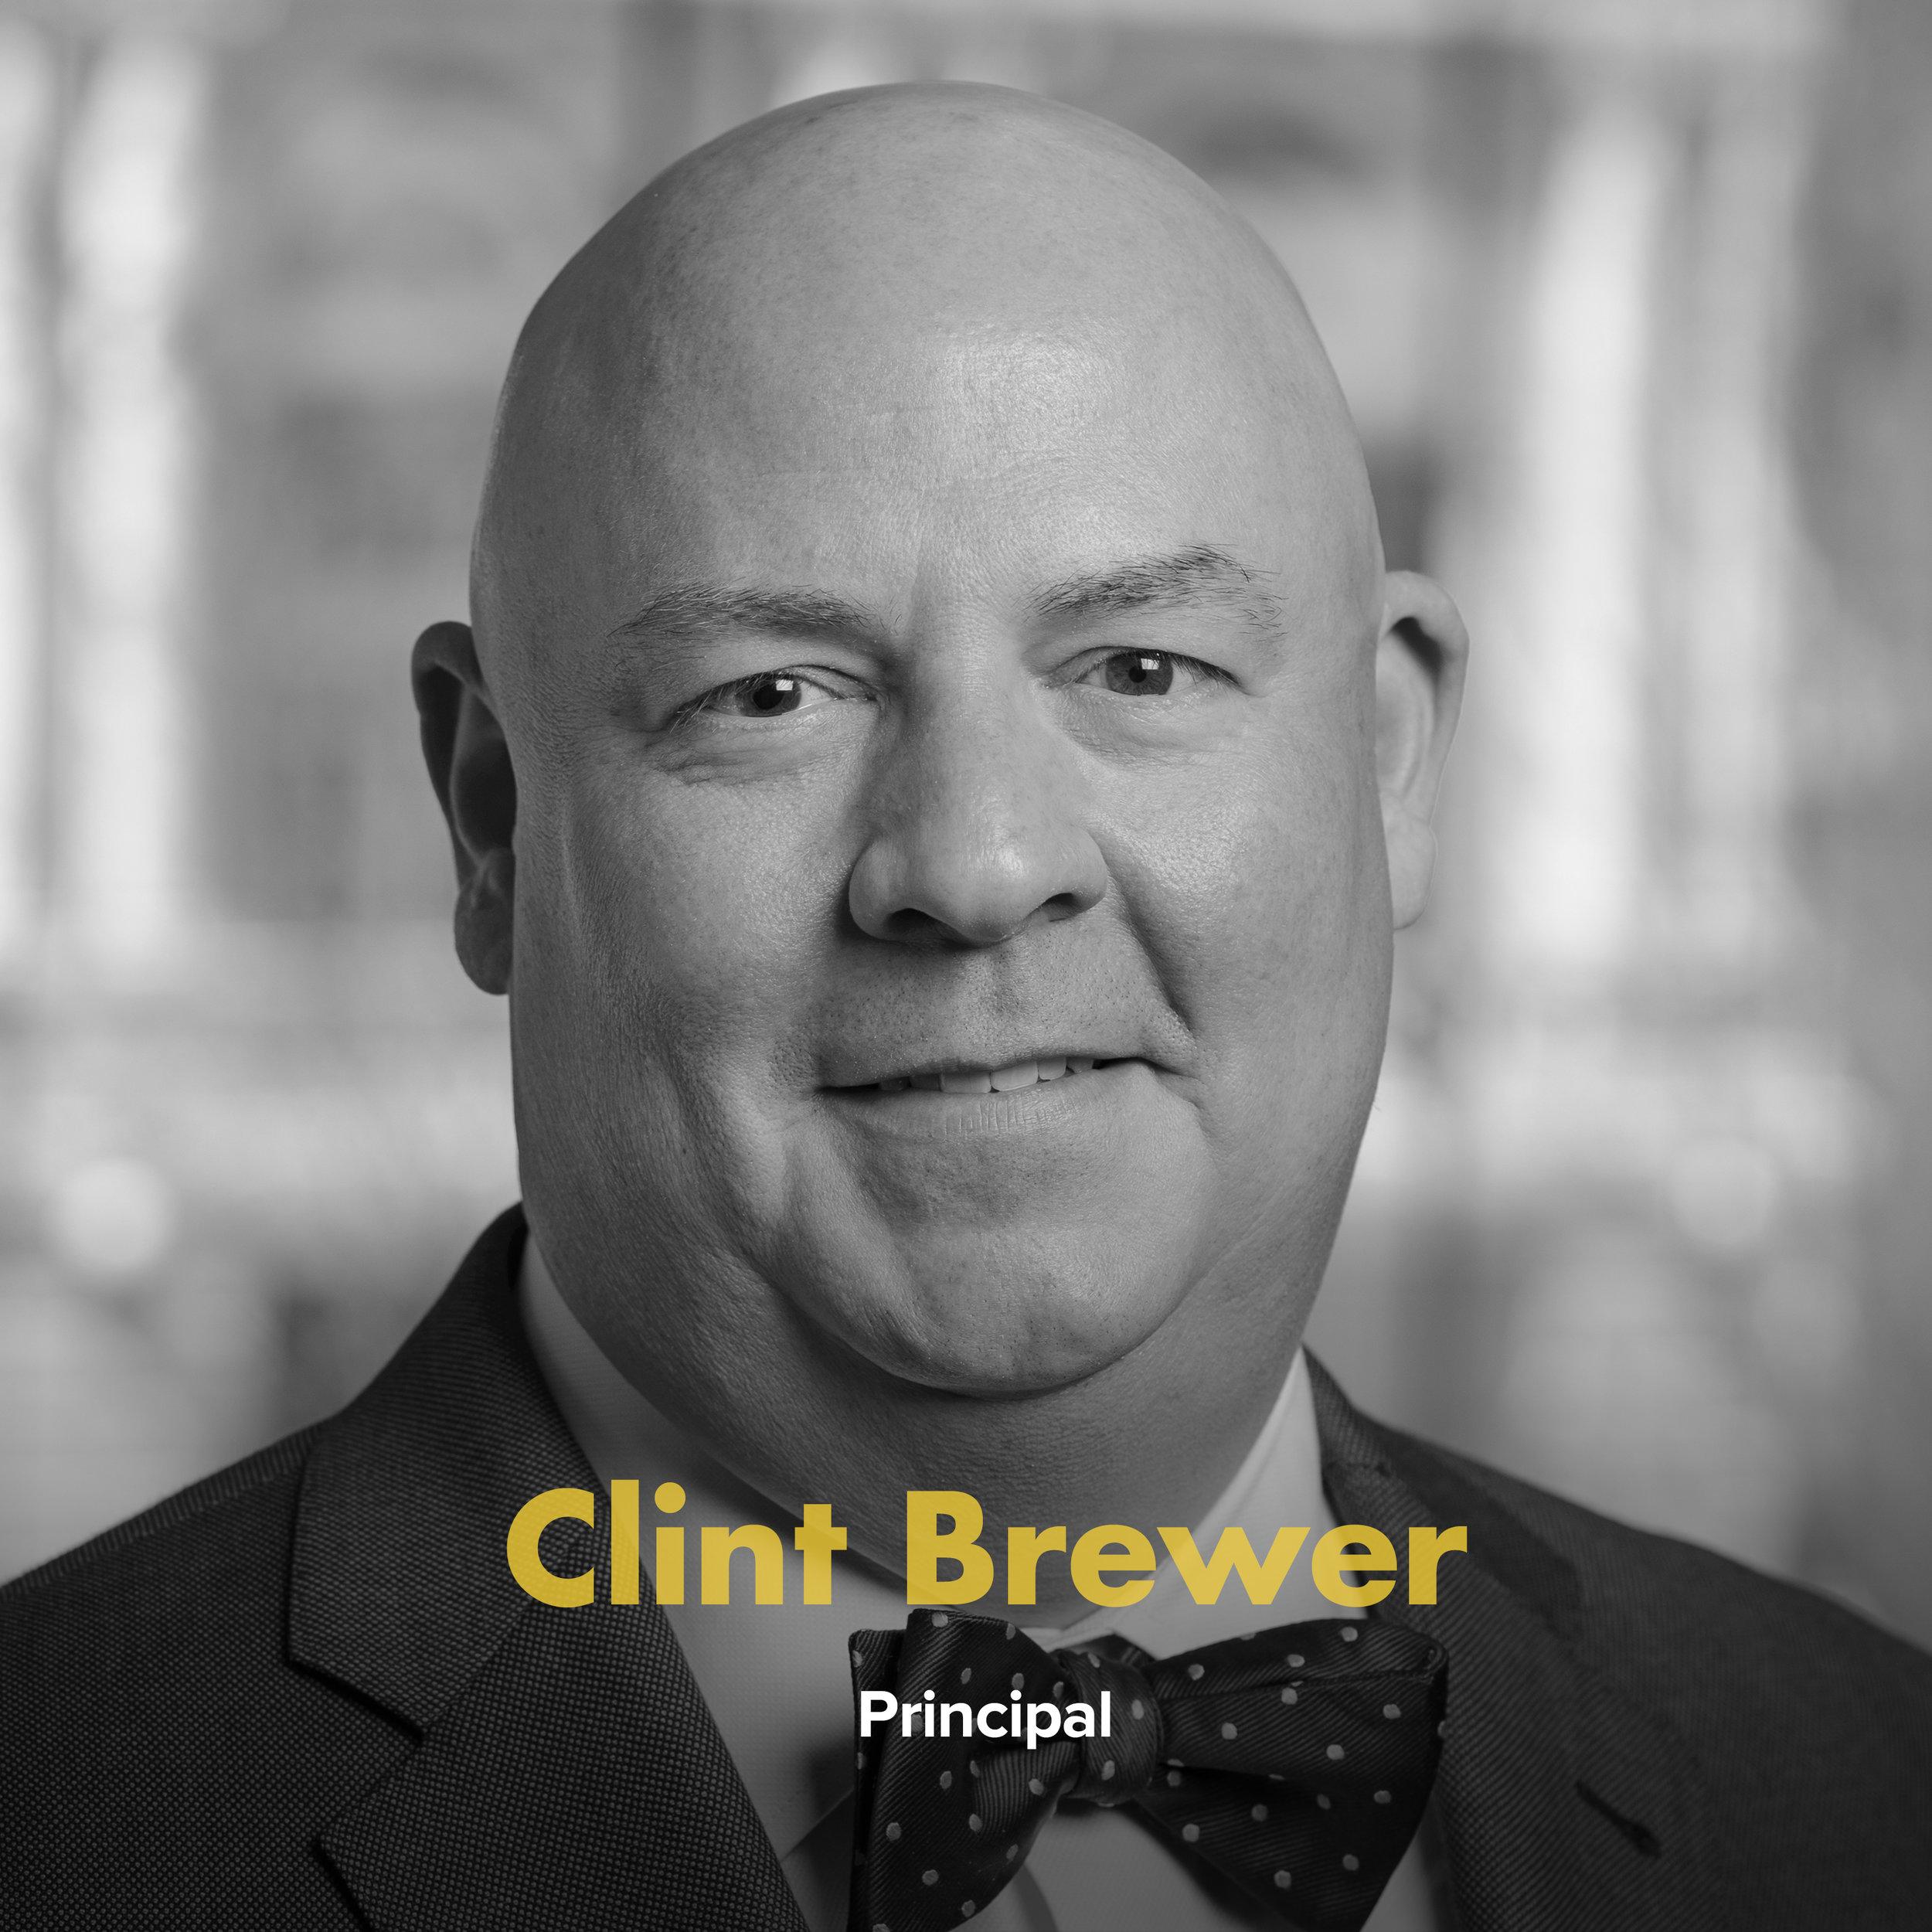 Clint Brewer